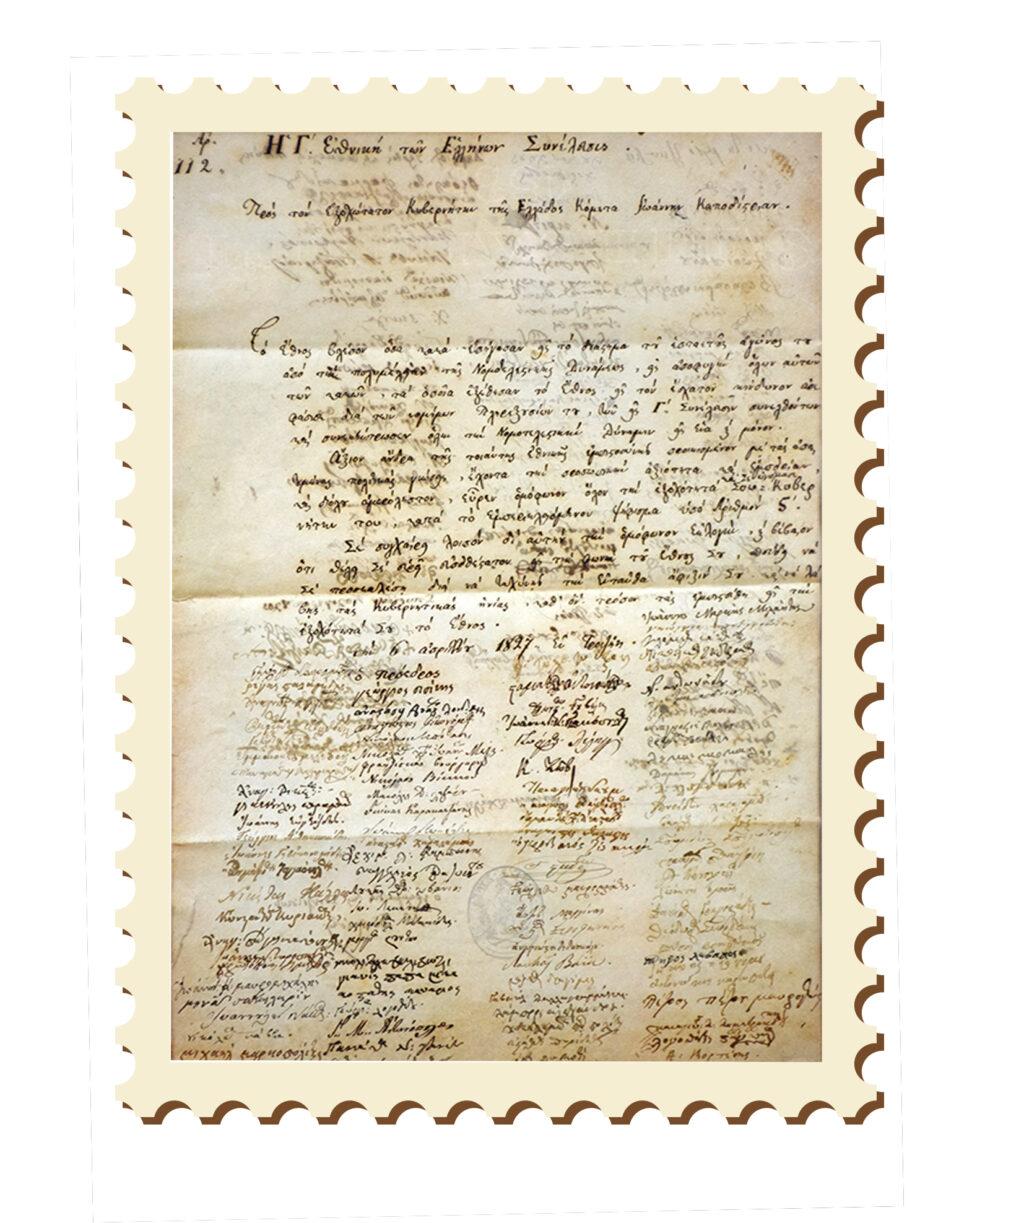 Από το Πολιτικόν Σύνταγμα της Εθνοσυνέλευσης της Τροιζήνας και τον Κυβερνήτη Καποδίστρια στον Όθωνα και στην ελέω Θεού μοναρχία: Μια ιστορική διαδρομή στις απαρχές του Συνταγματισμού στην Ελλάδα (1827-1832)